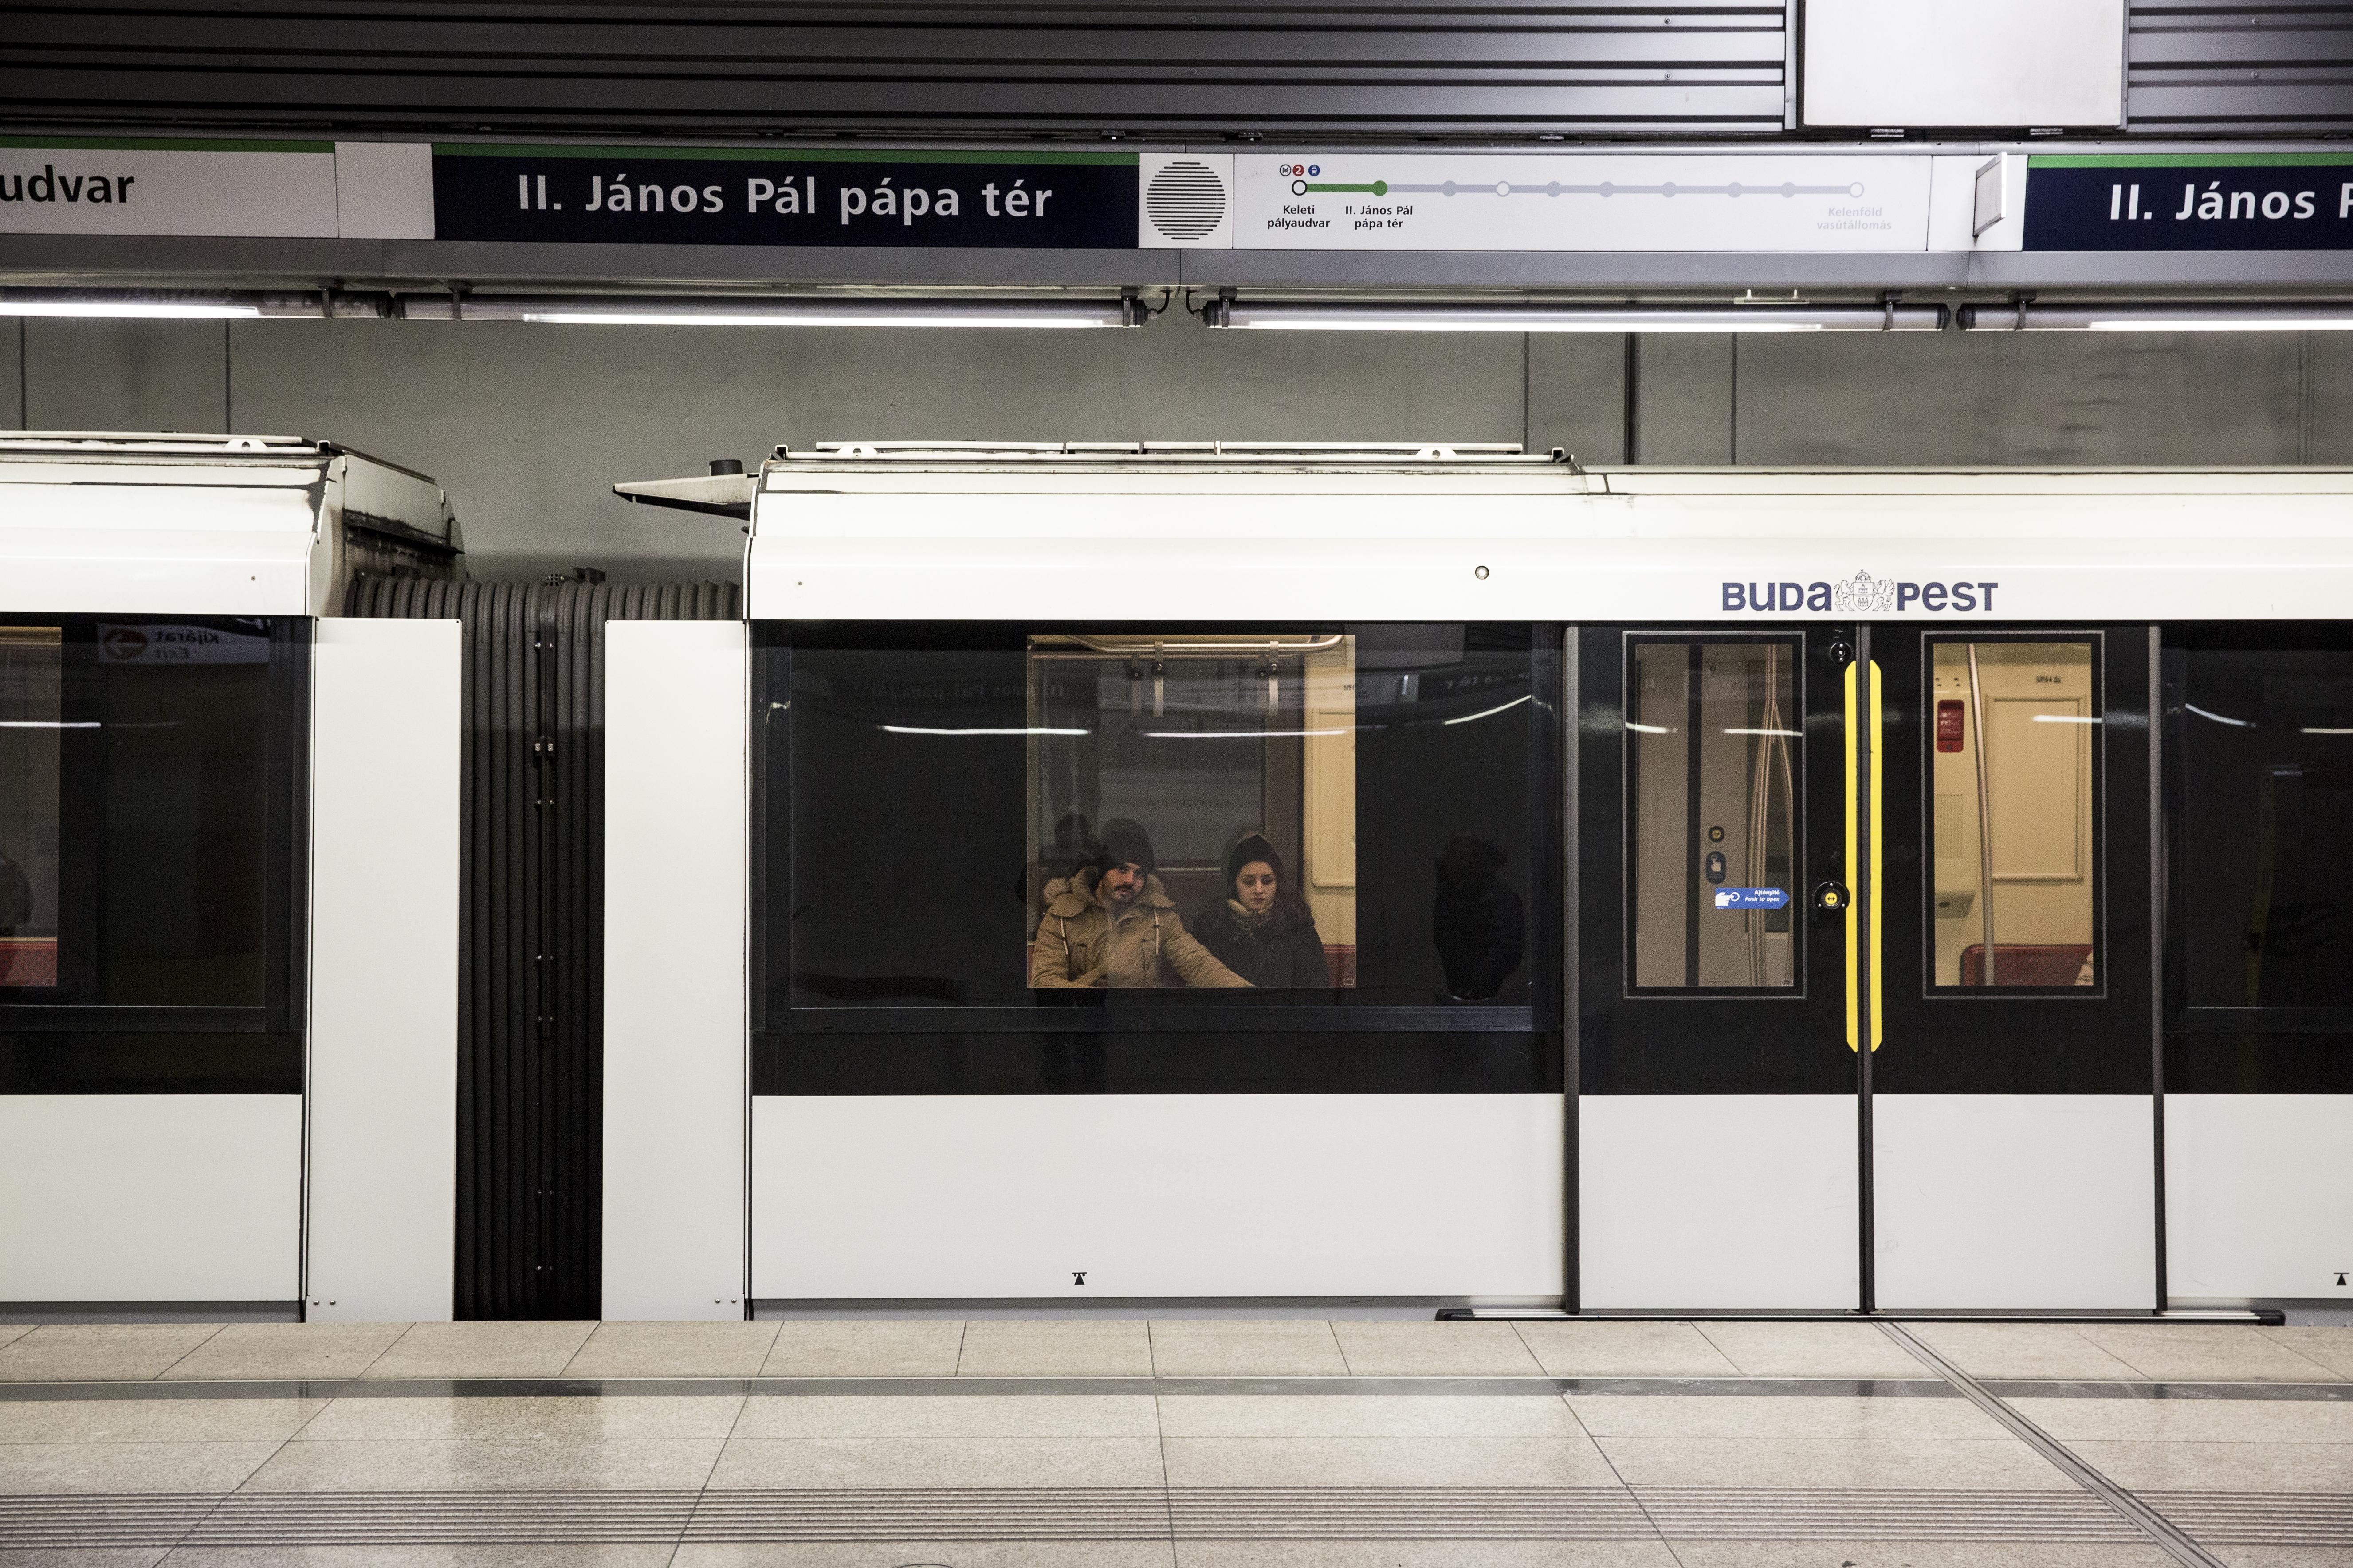 Szerdától újra automatikusan nyílnak az ajtók az M2-es és az M4-es metrón